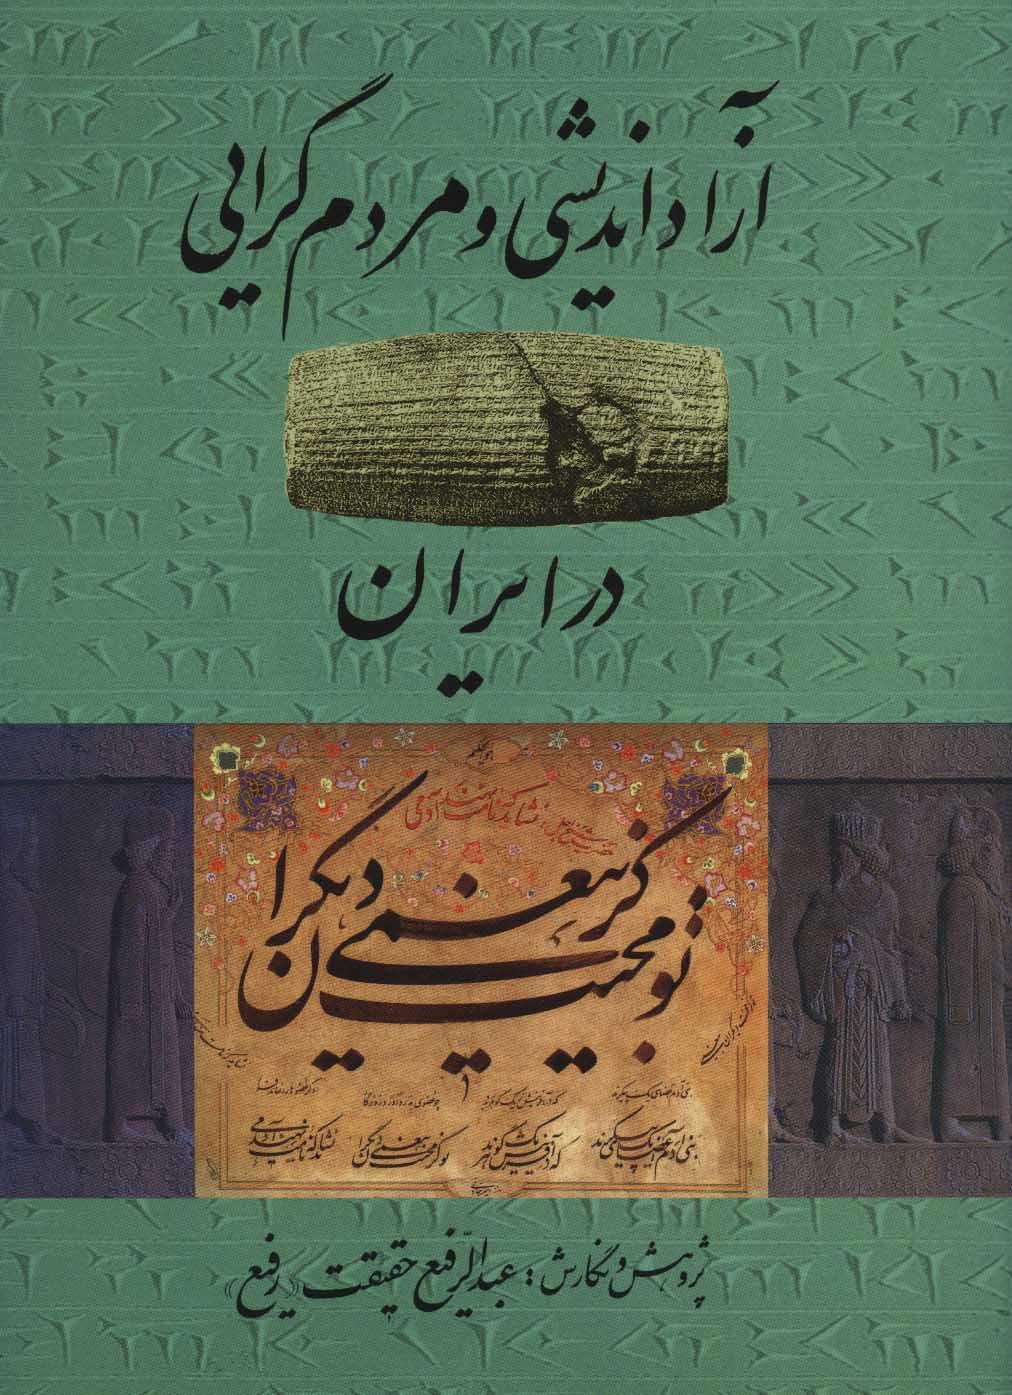 آزاد اندیشی و مردم گرایی در ایران